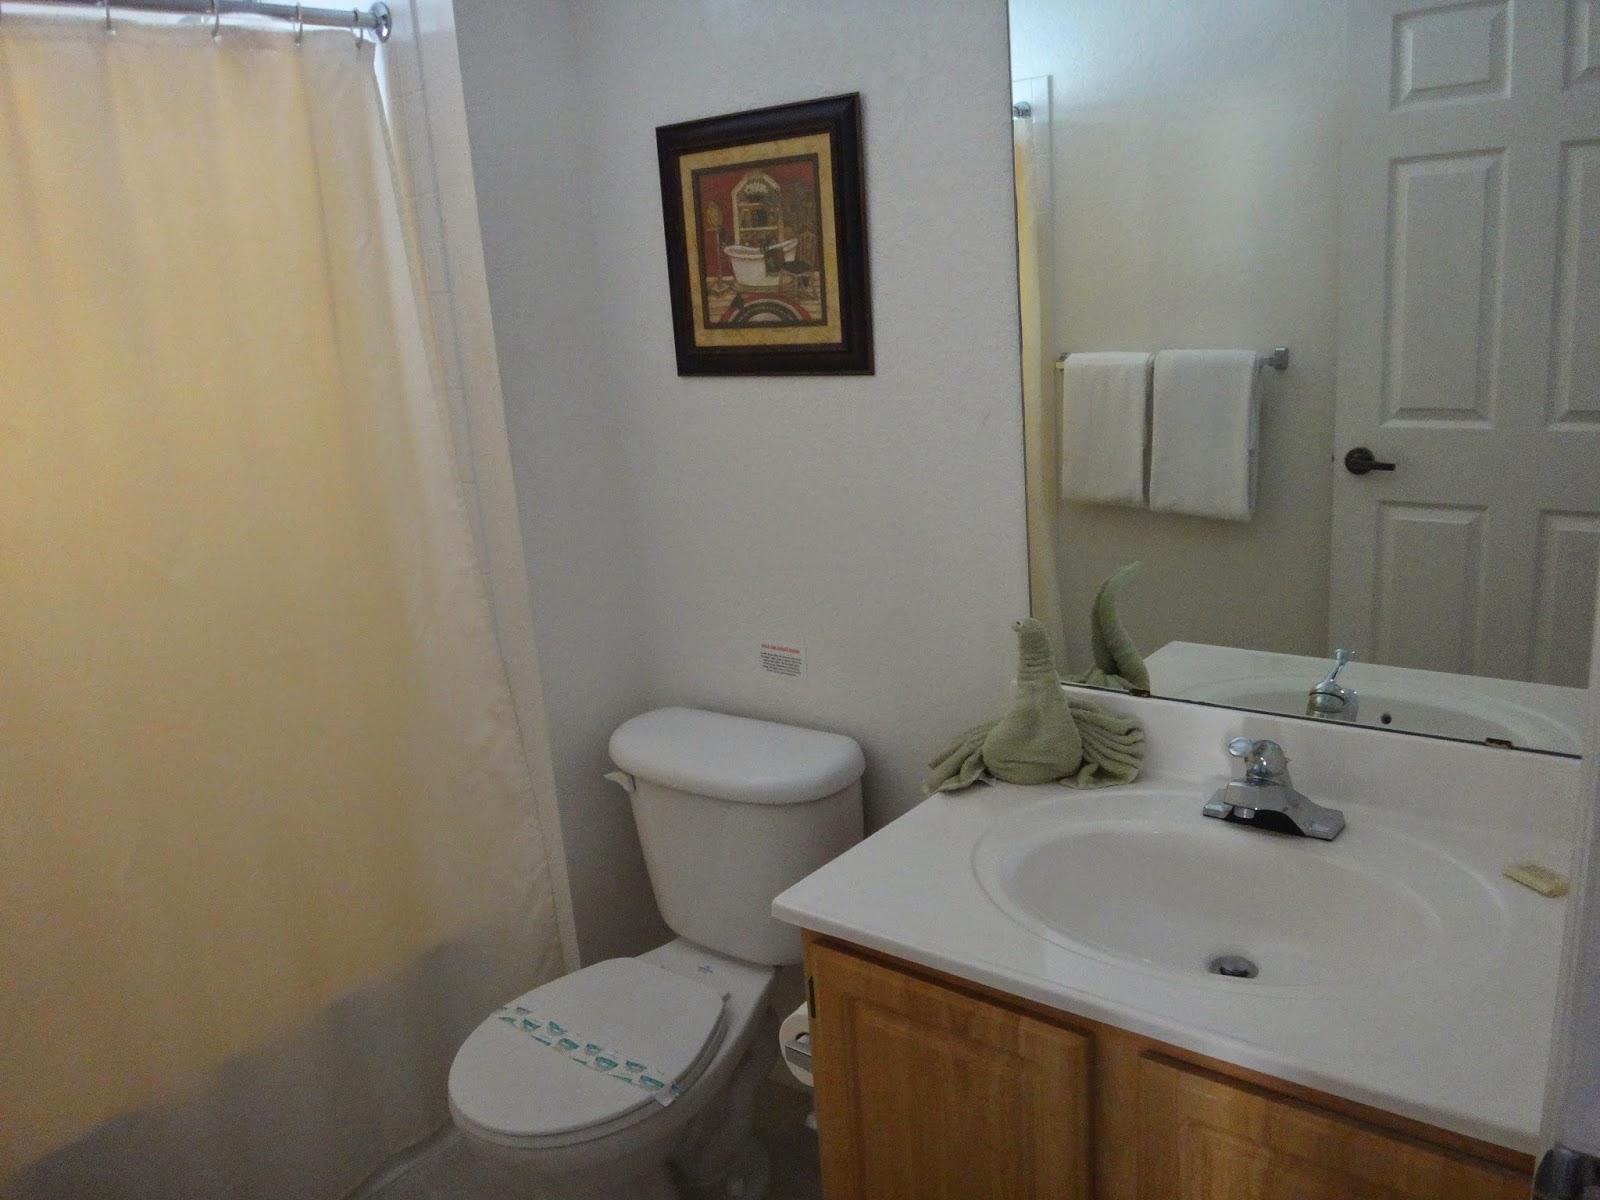 Banheiro para os quartos de solteiro com banheira e secador de cabelo #5D462F 1600x1200 Banheiro Com Banheira E Closet